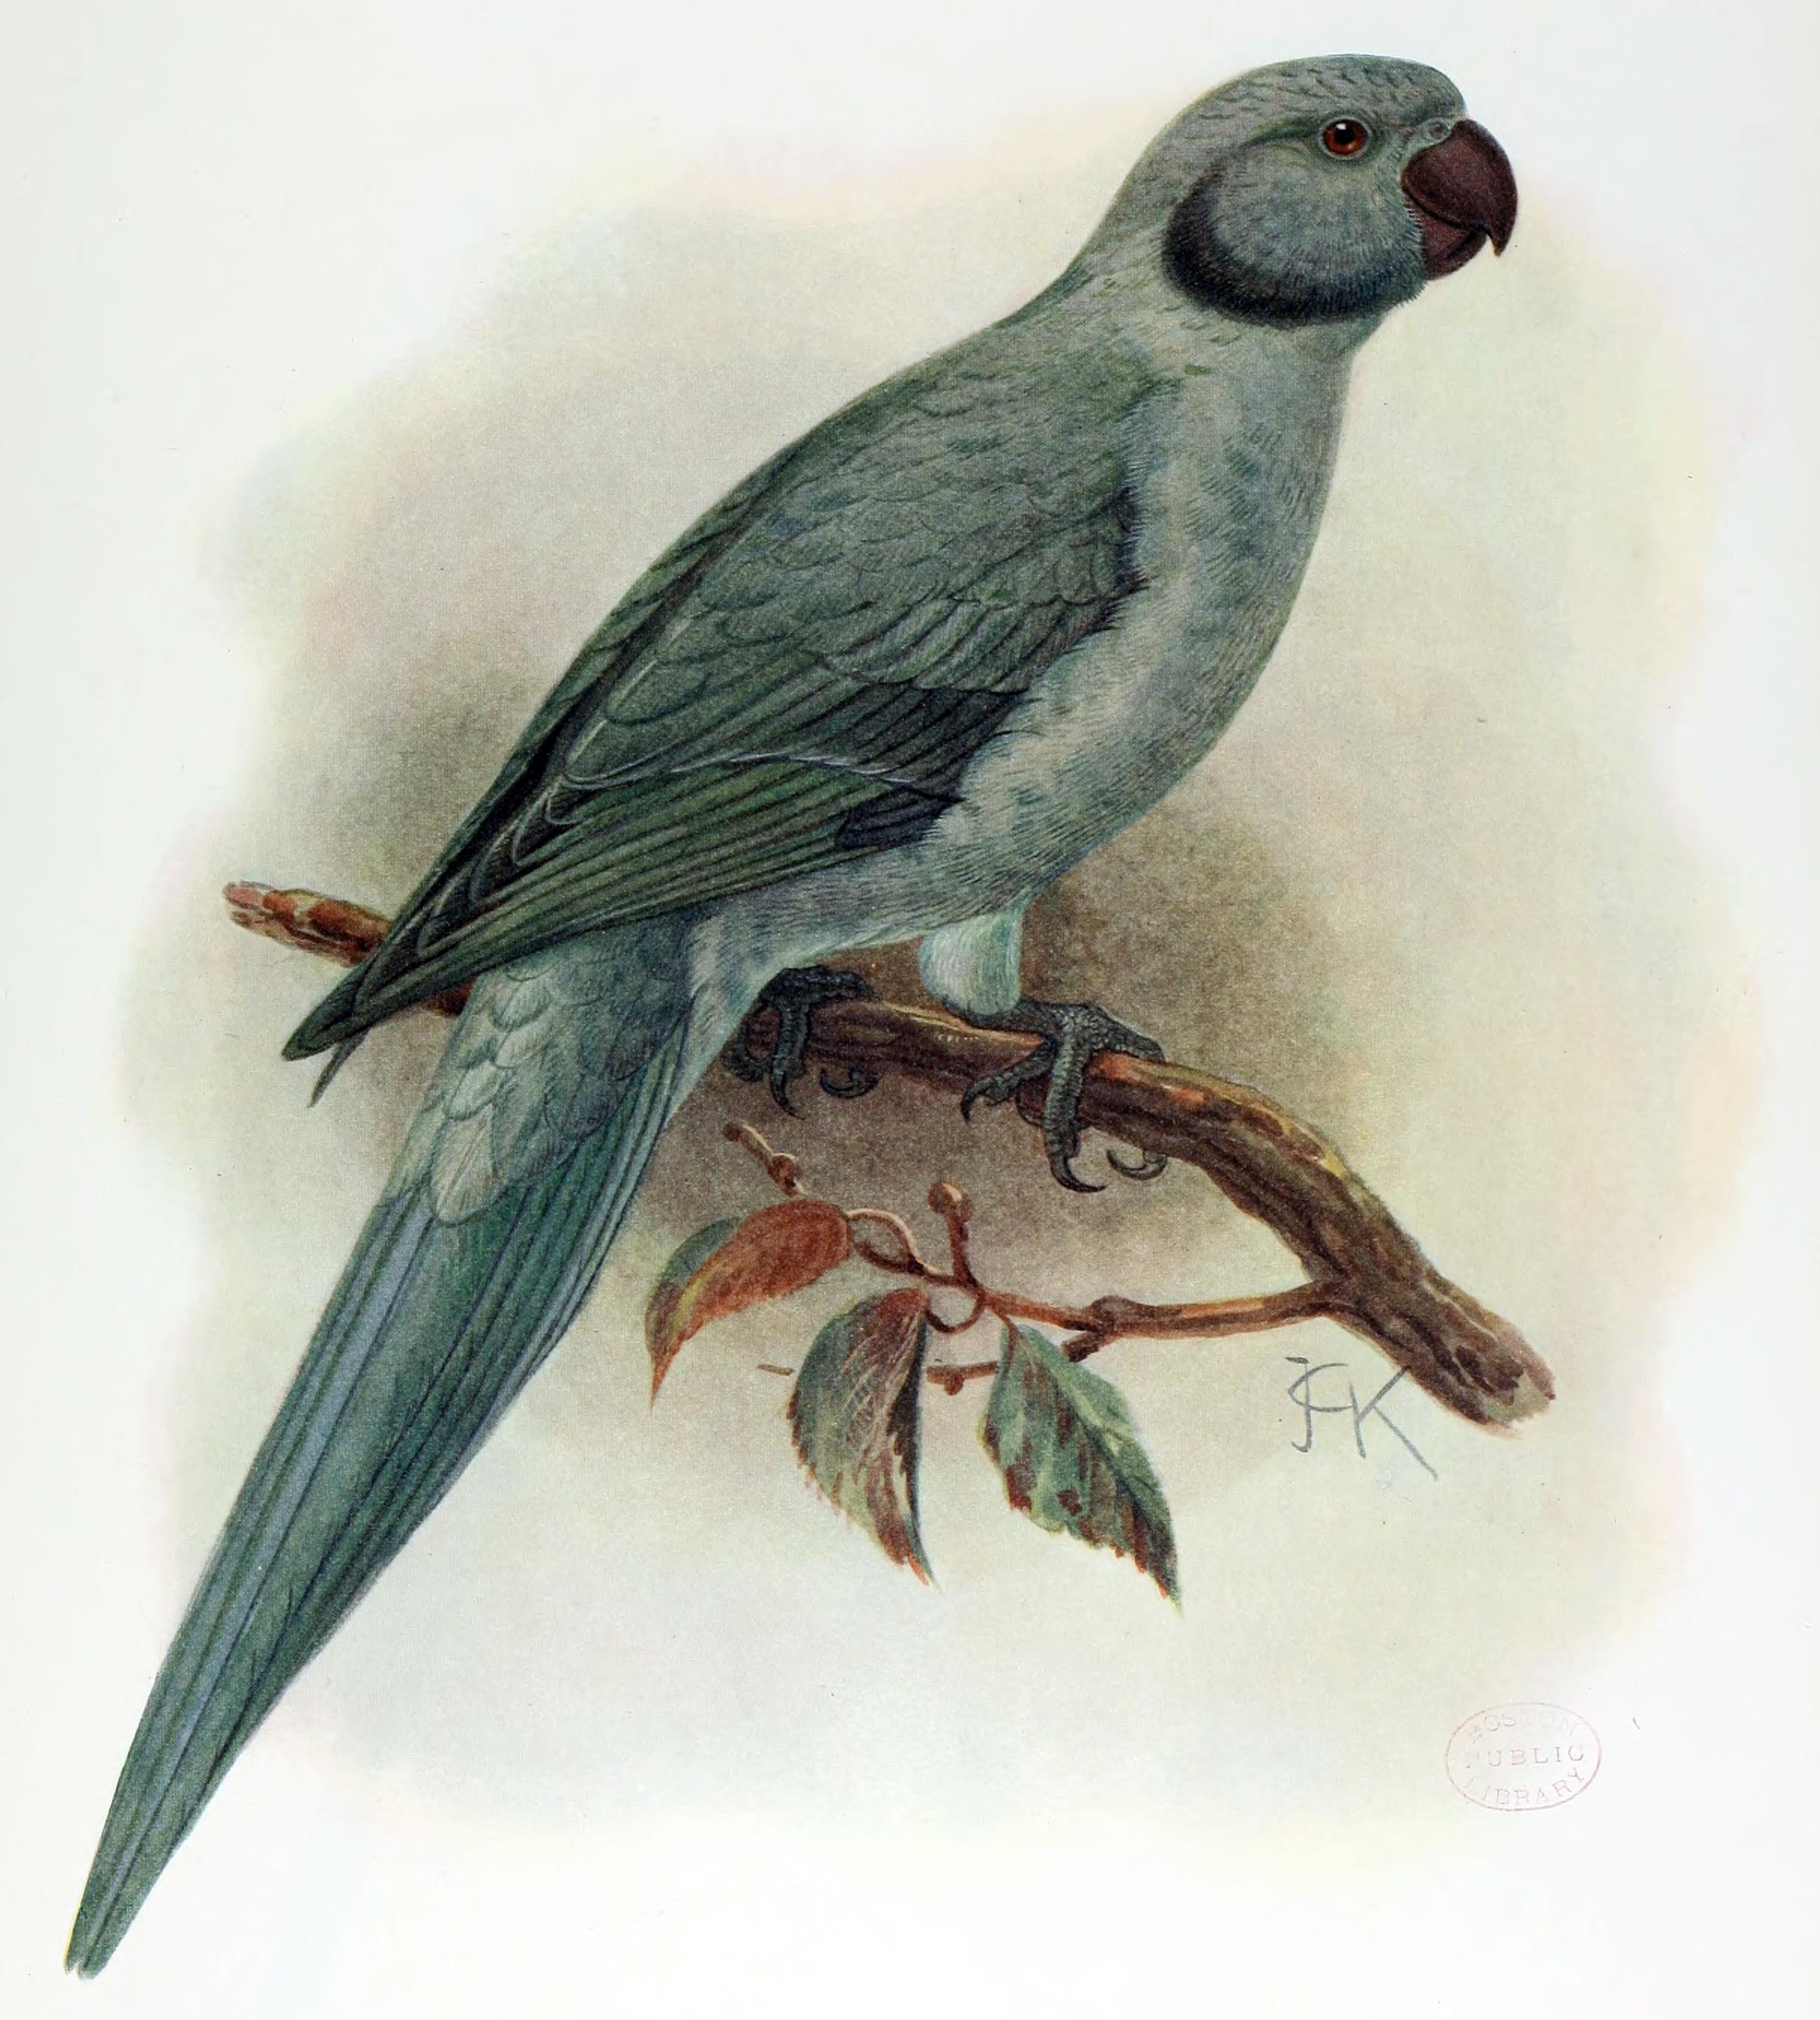 Вымершие и уничтоженные виды попугаев и других птиц Psittacula_exsul_(extinct)_by_J.G._Keulemans